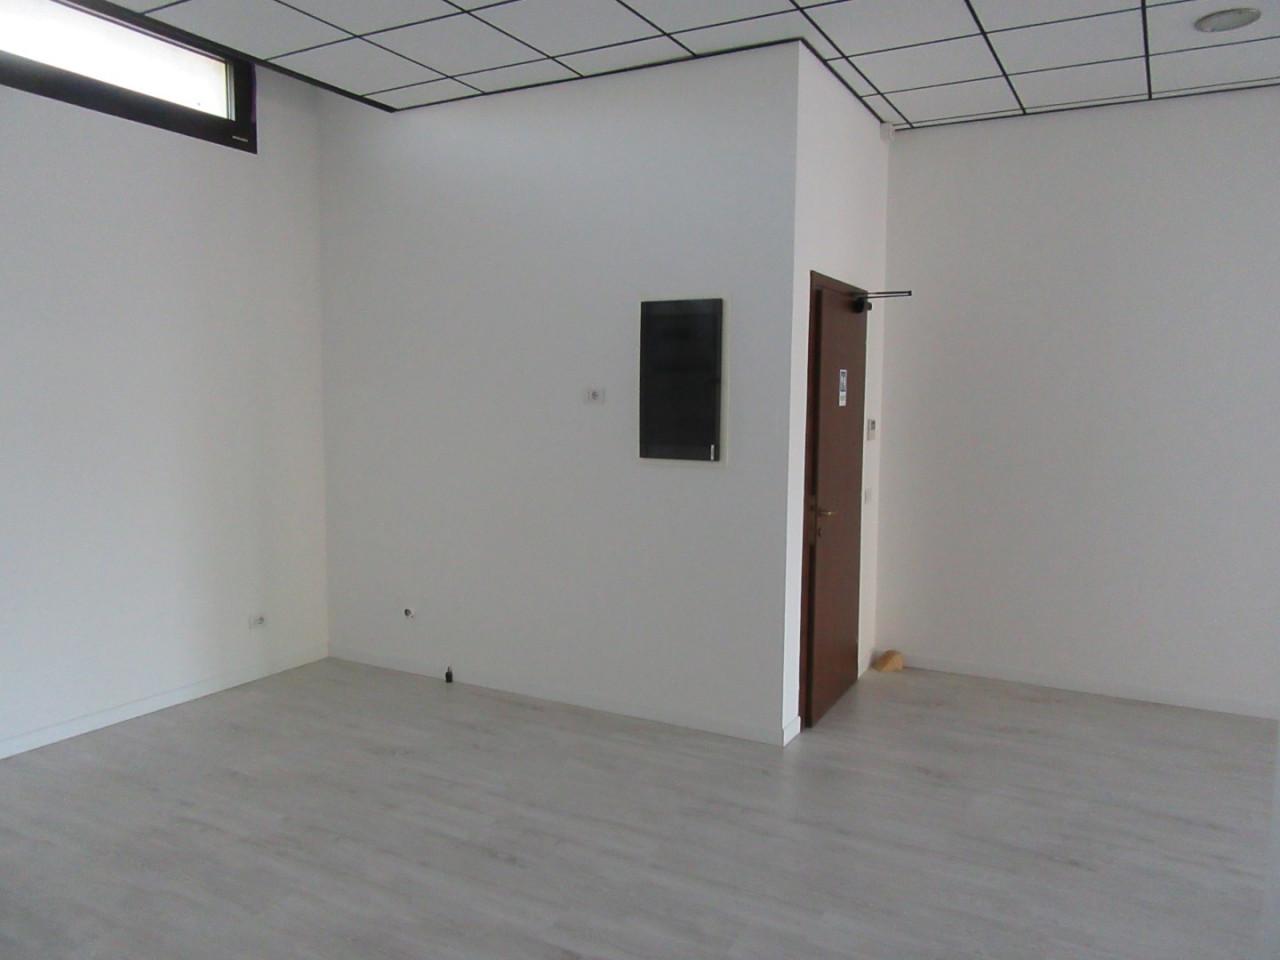 Z370 Negozio con altissima visibilità https://images.gestionaleimmobiliare.it/foto/annunci/210827/2719483/1280x1280/007__07_interno_negozio.jpg